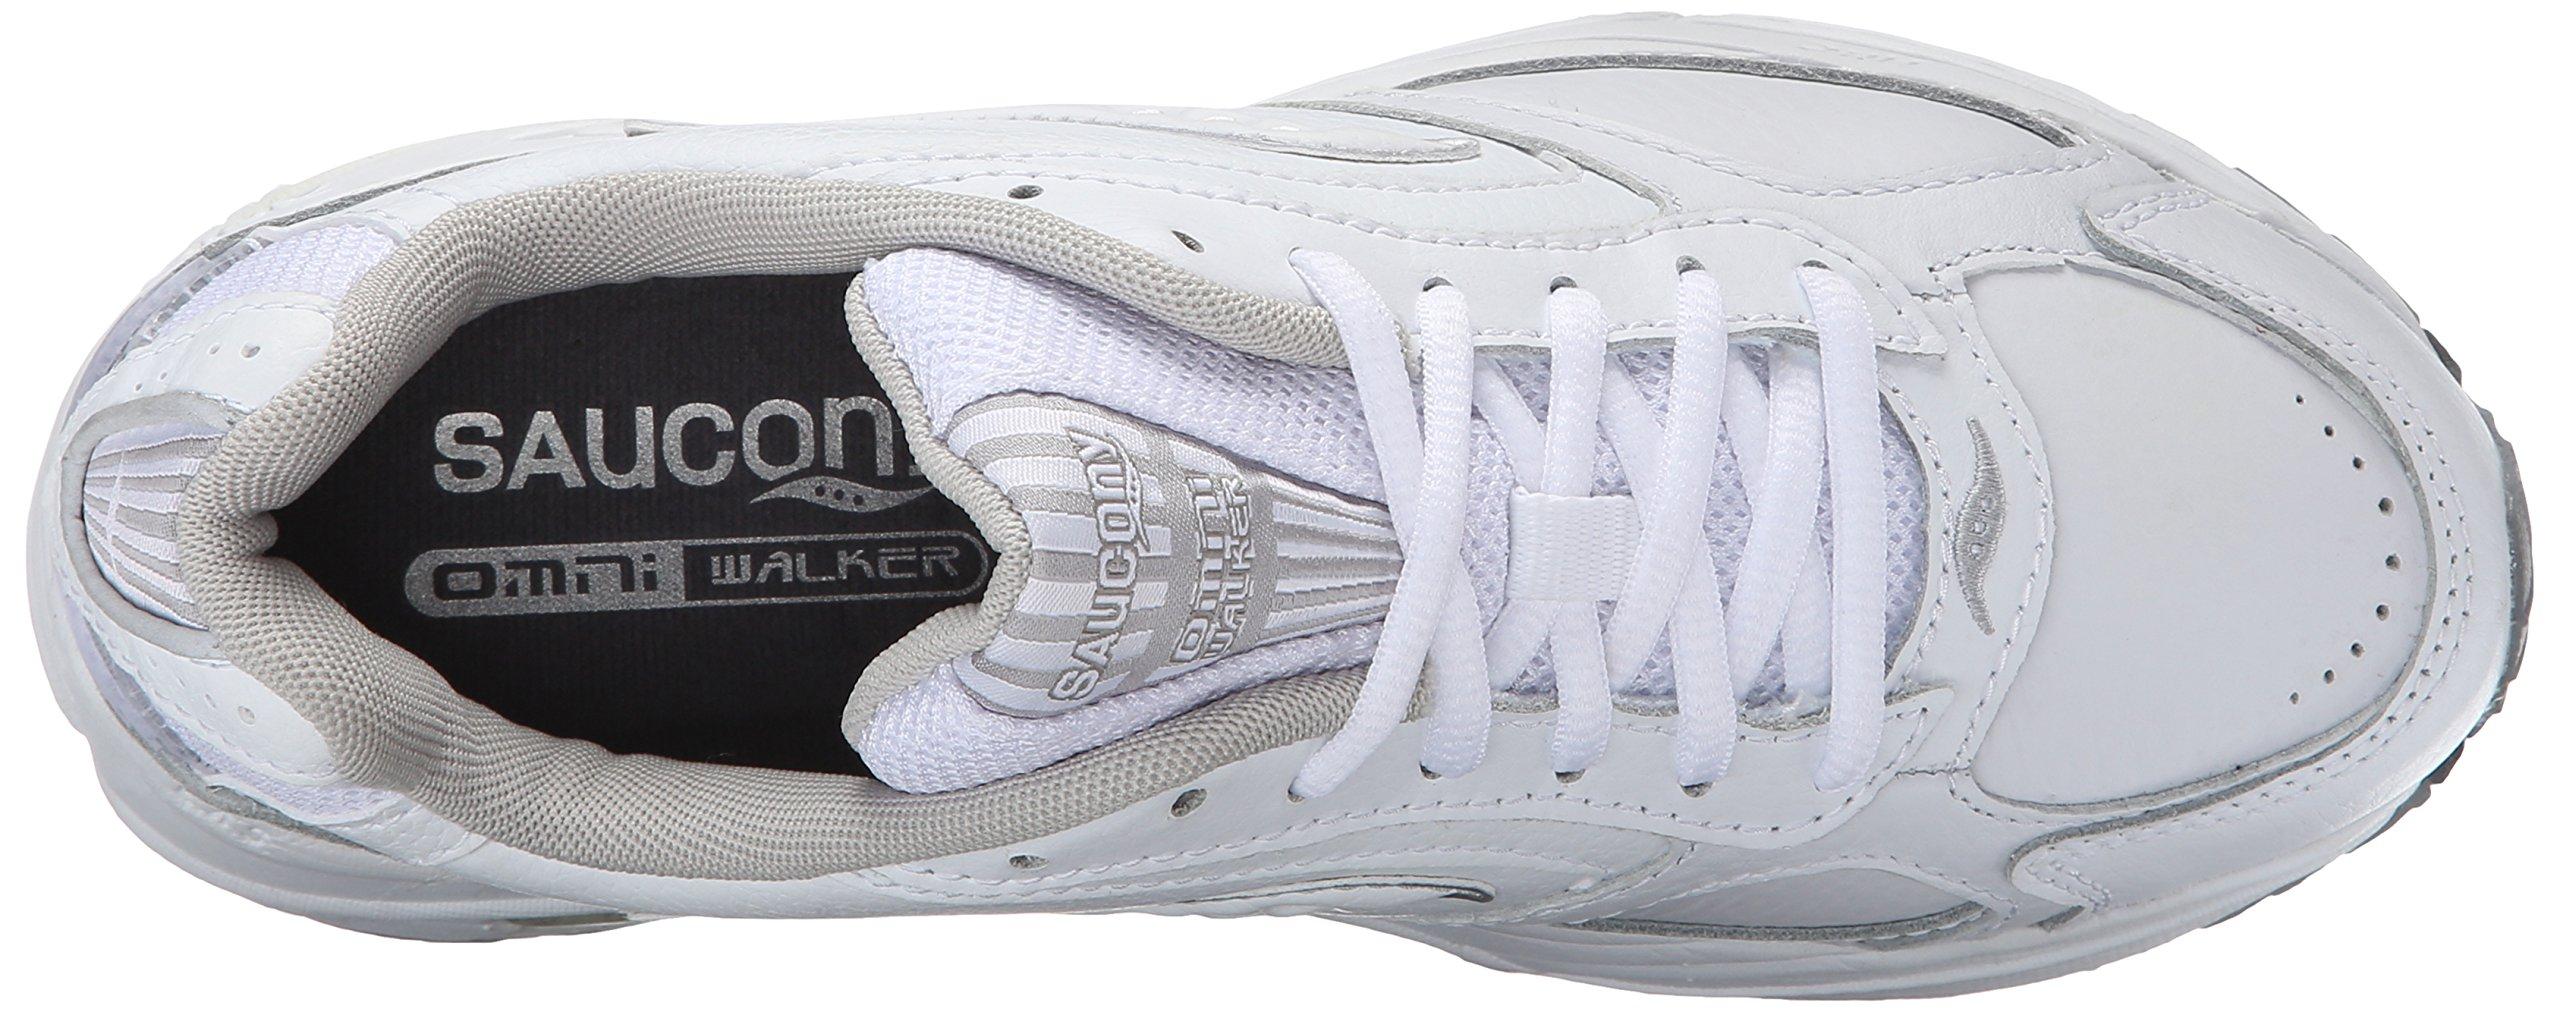 08241be9 Saucony Women's Grid Omni Walker Walking Shoe - Omni Walker ...